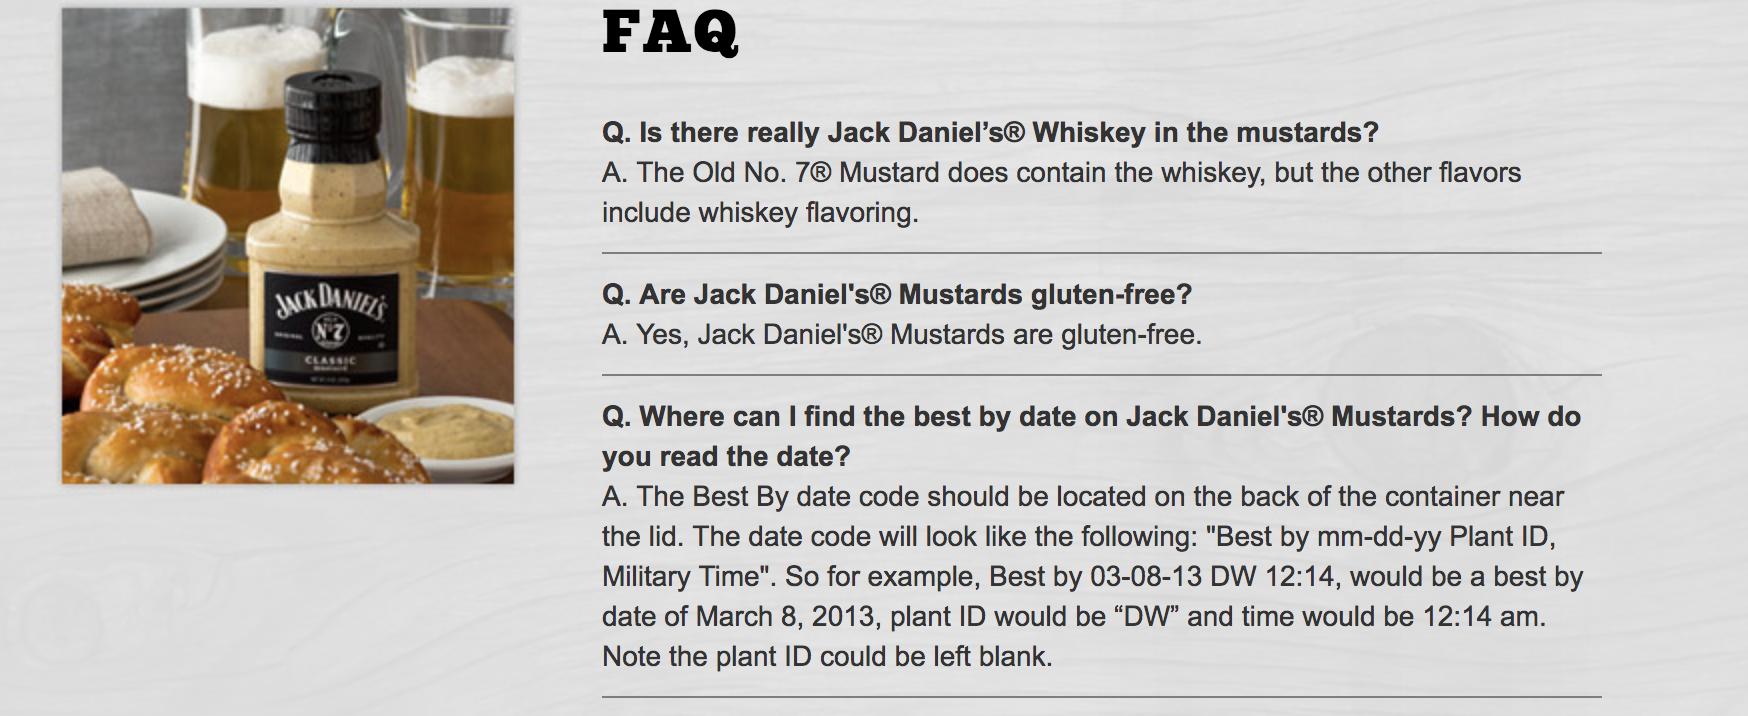 jack daniels mustard faq